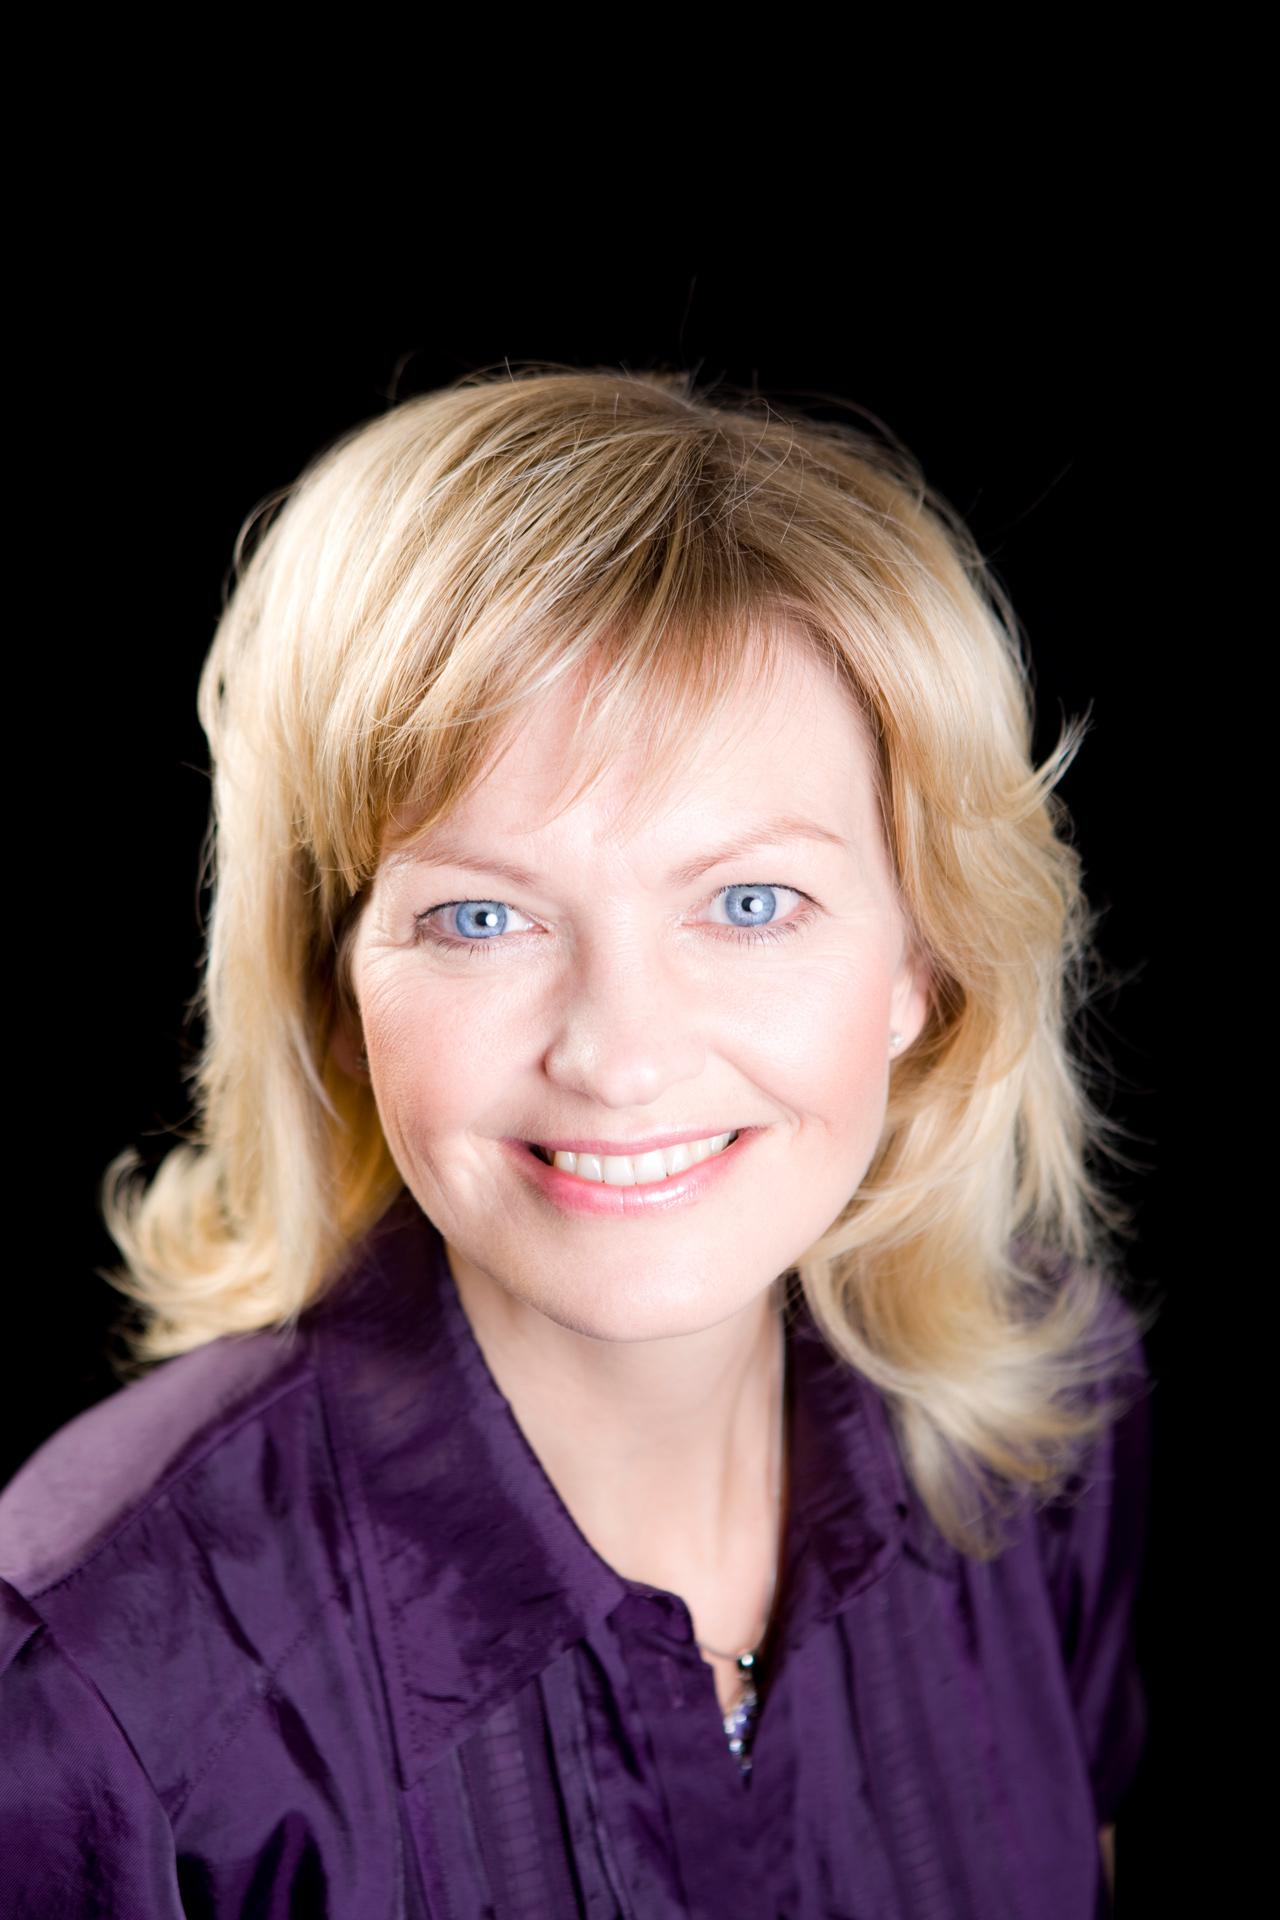 Eva Kjer Hansen, Portrætfotograf, København, Venstre, næse, minister